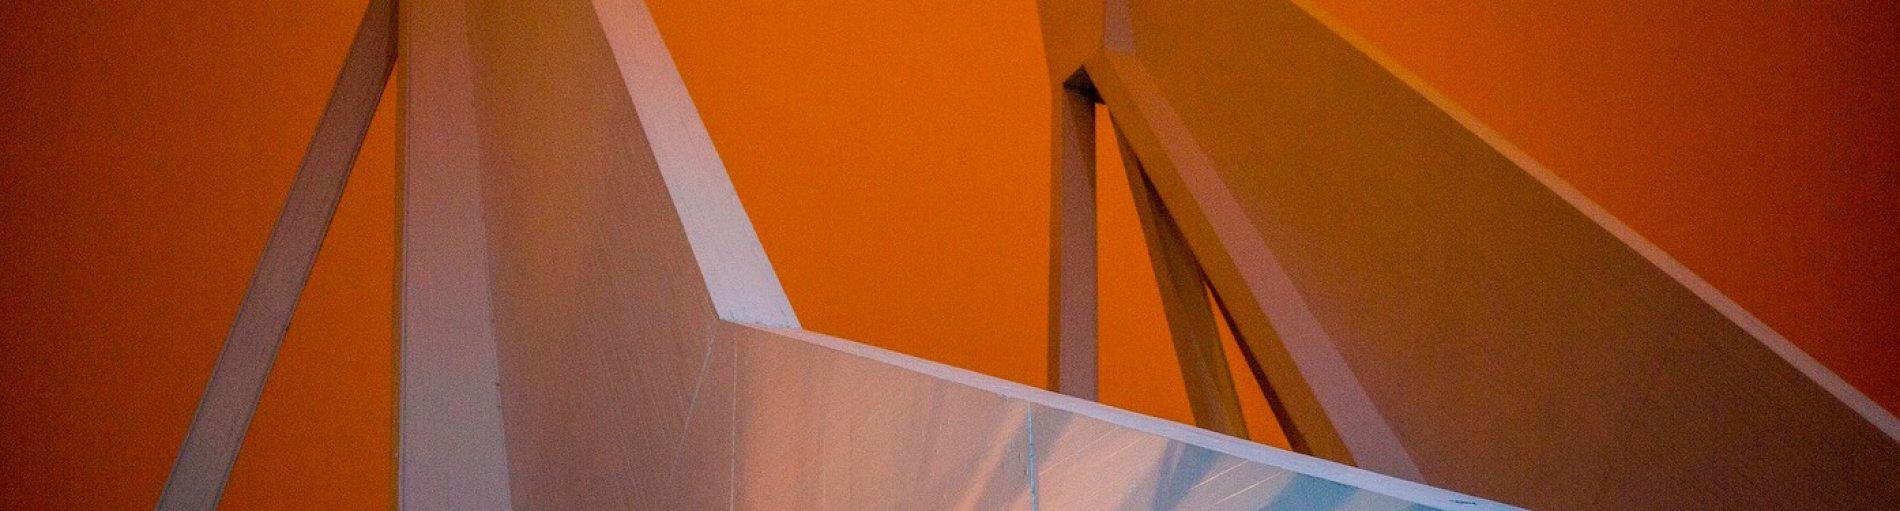 Ein bunter Ausschnitt der Stadthalle Bremen.